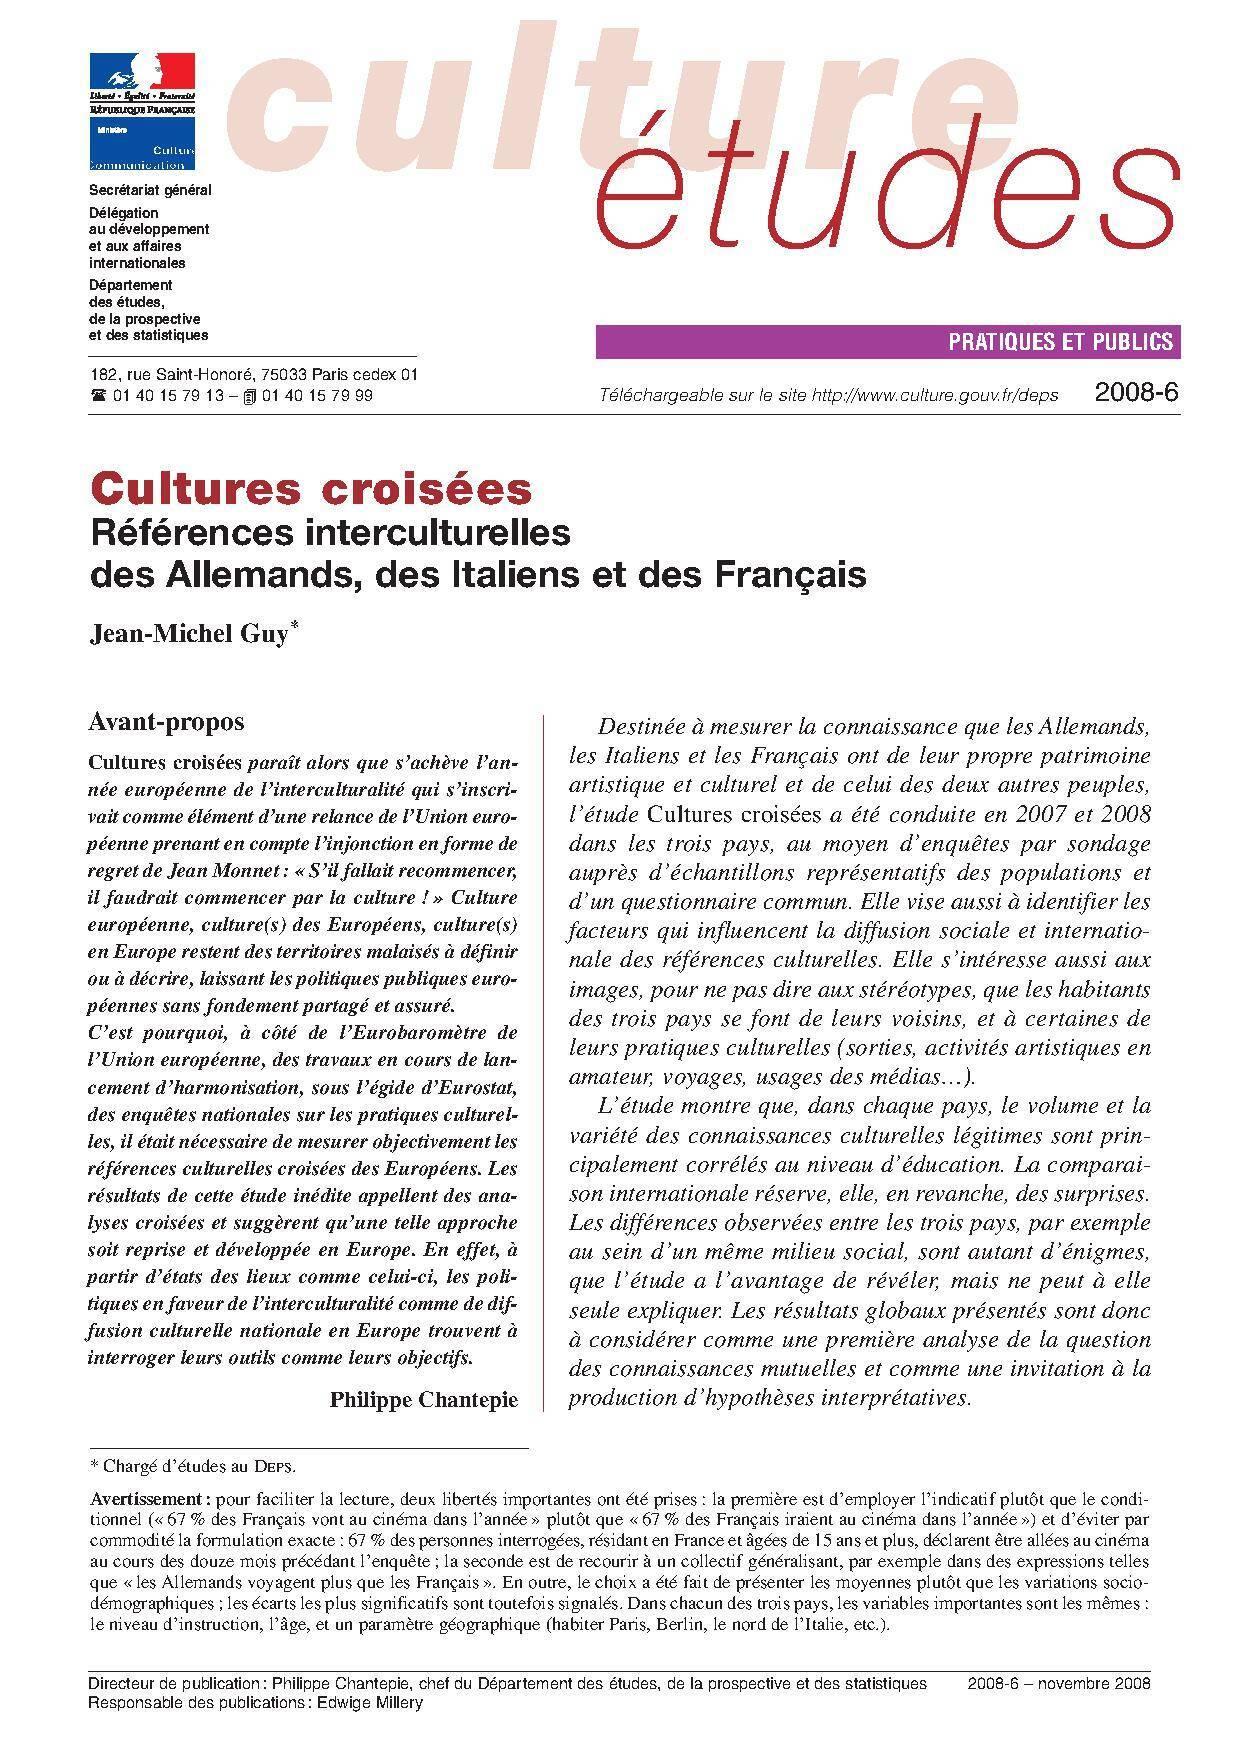 Cultures croisées – Références interculturelles des Allemands, des Italiens et des Français